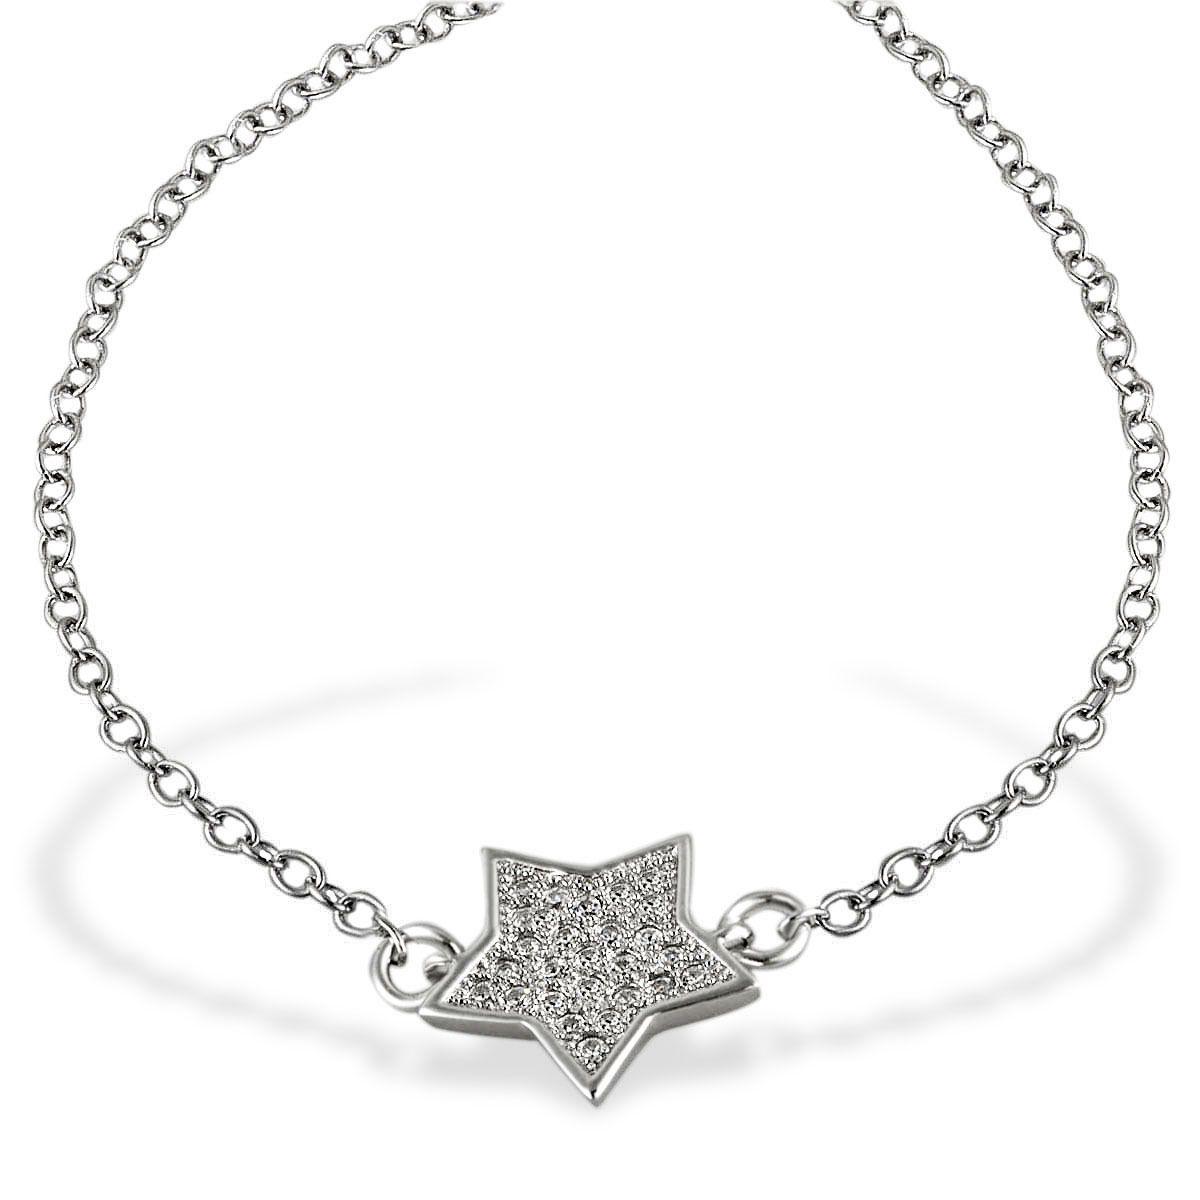 AVERDIN Averdin Armband Stern 925 Sterlingsilber 26 weiße Zirkonia 19,5 cm